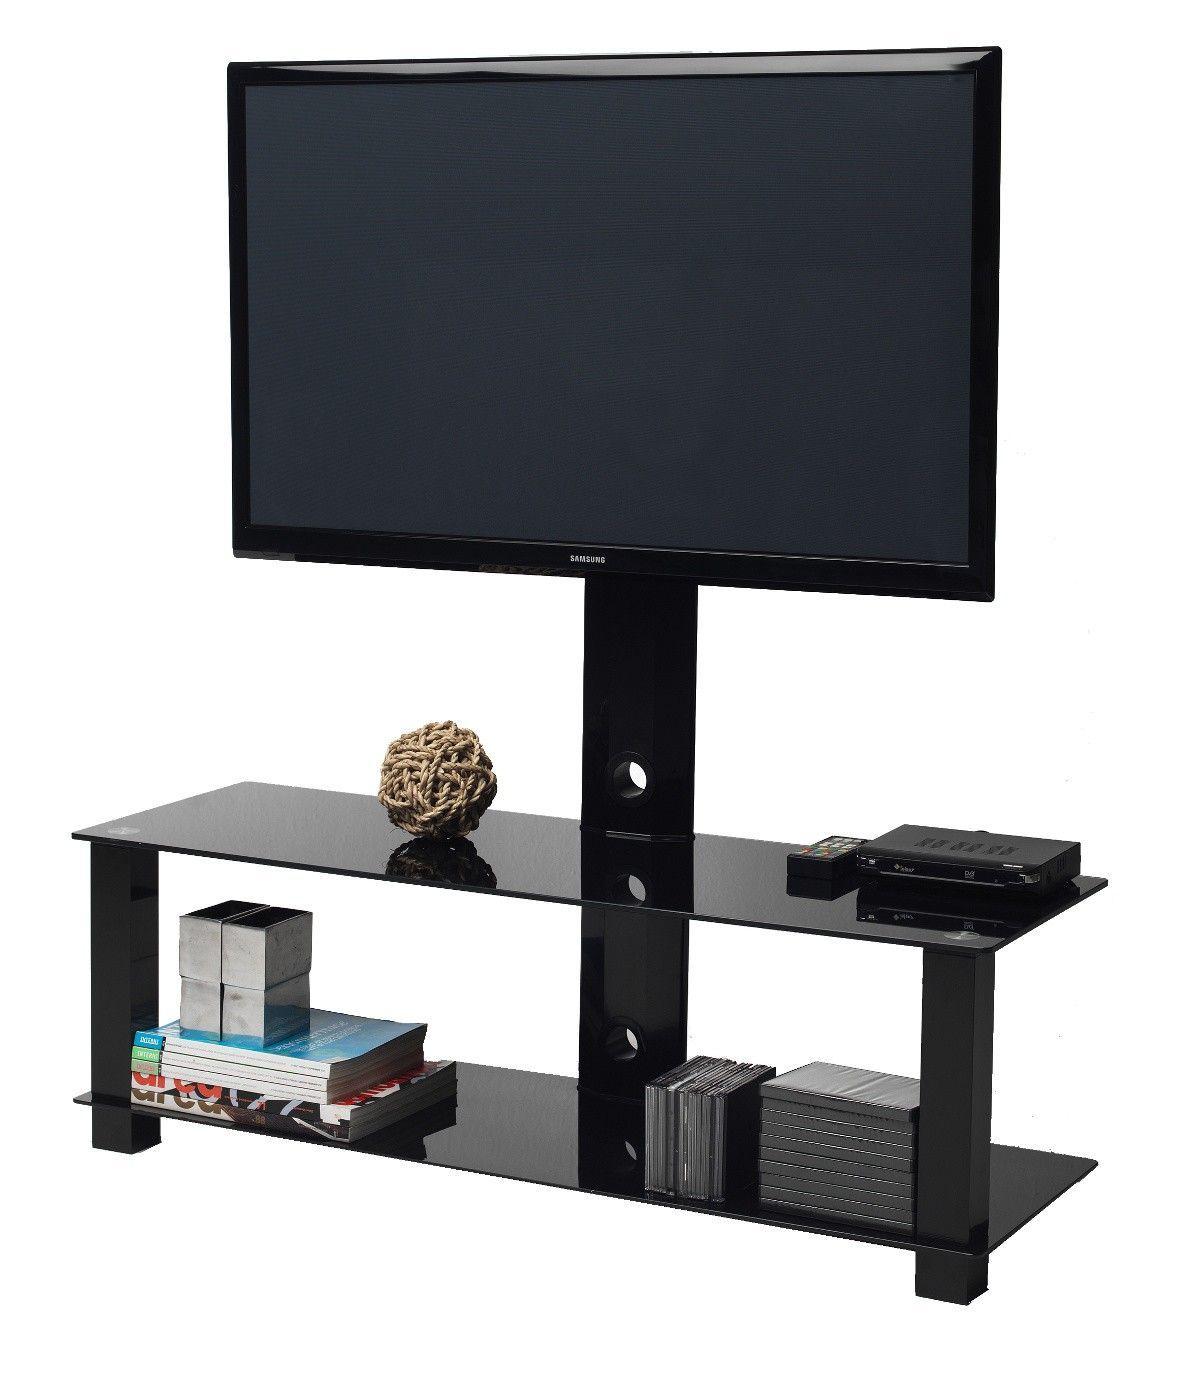 Porta Tv 50 Pollici.Mobile Porta Tv Hook Staffa Girevole In Metallo 60 Pollici